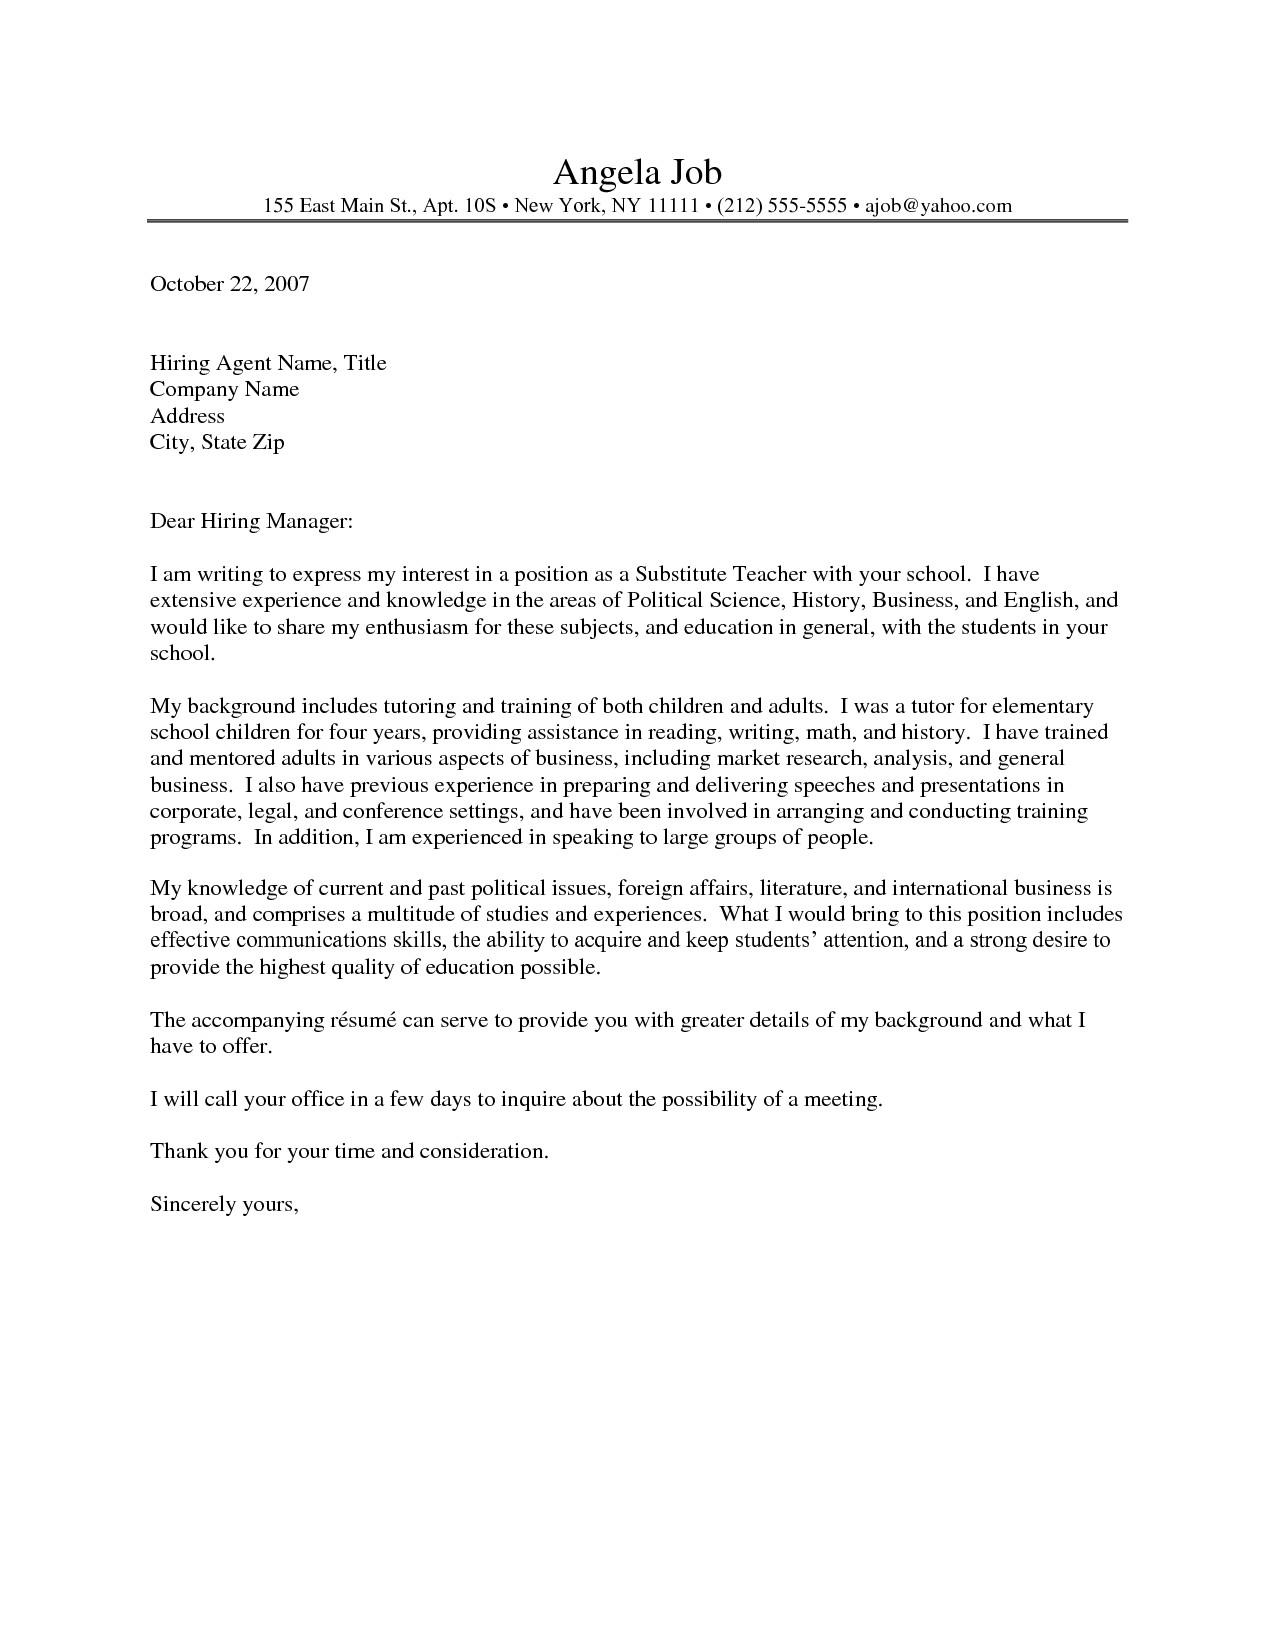 Sample Teaching Cover Letters for New Teachers English Teacher Cover Letter Sample for New Teachers